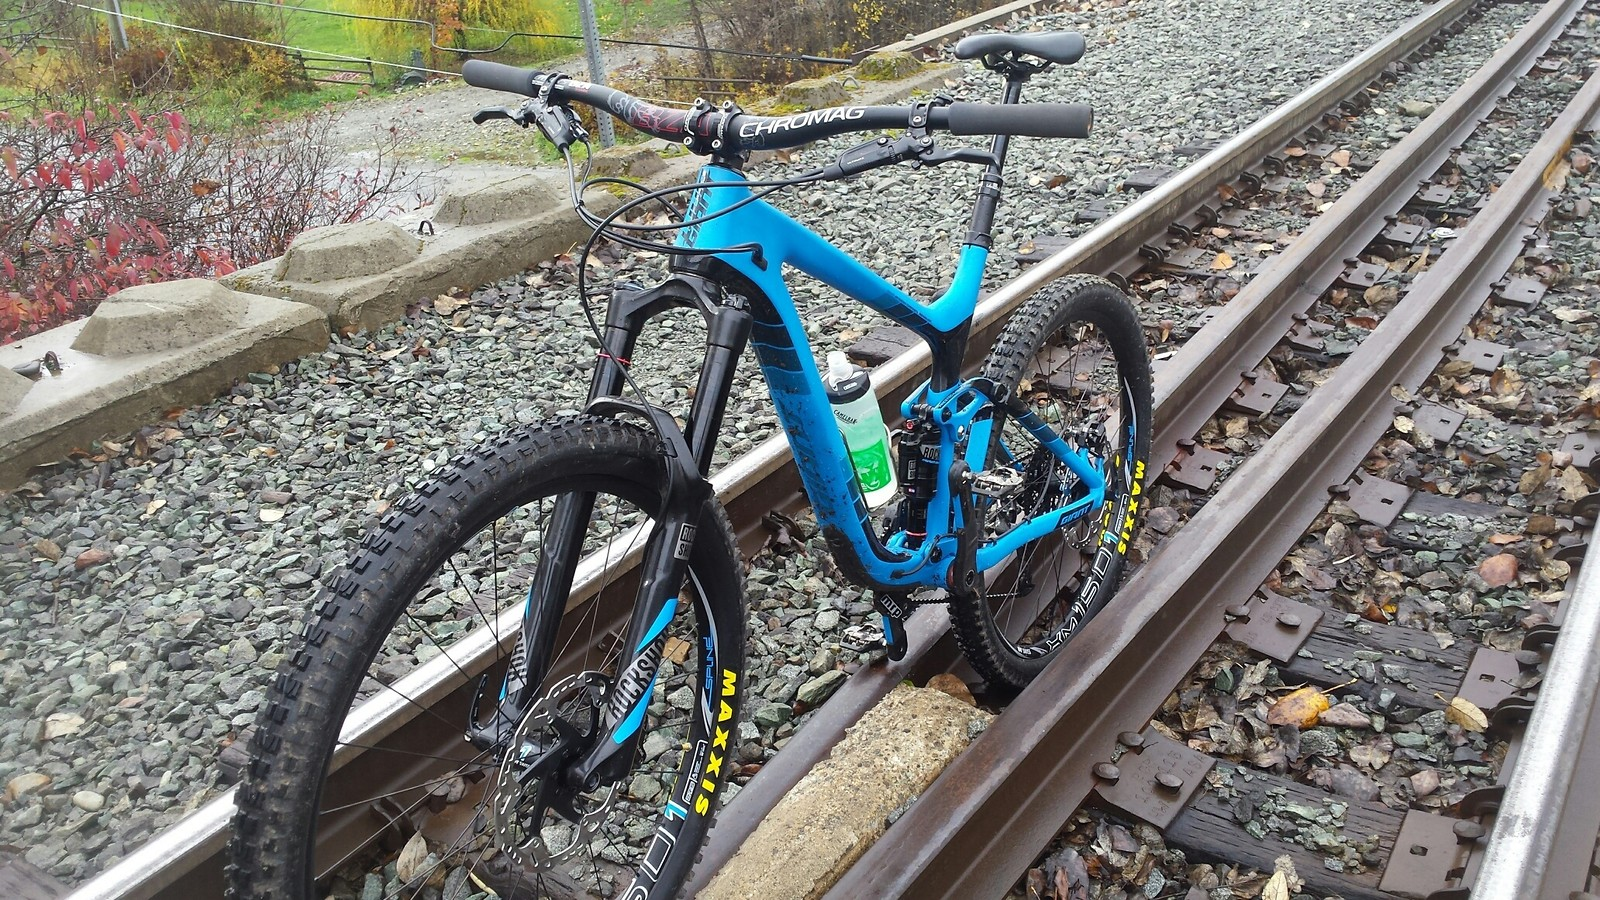 2016 Giant Reign Advanced 0 Bikecobro S Bike Check